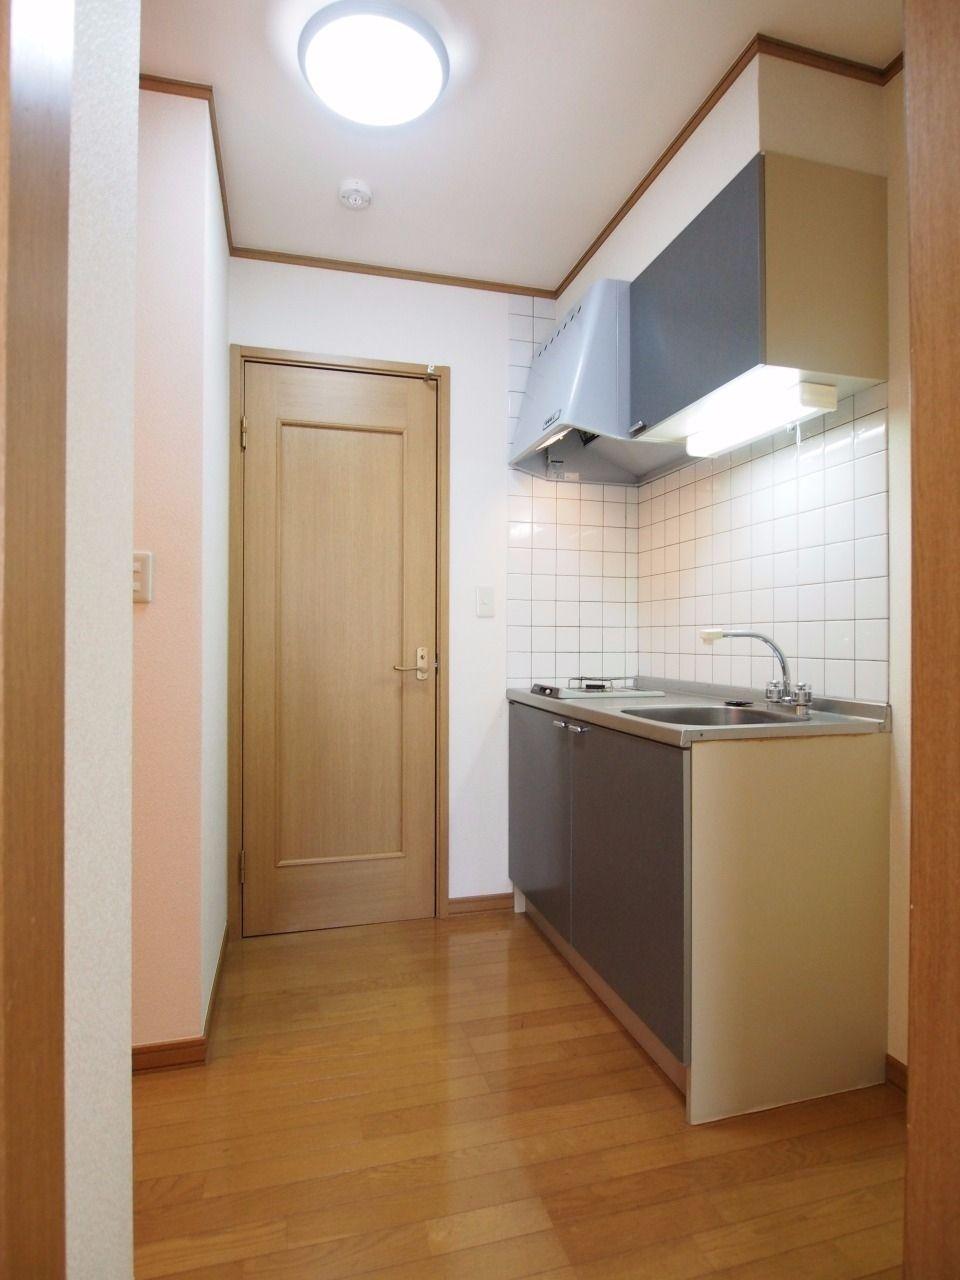 居室からキッチン方向